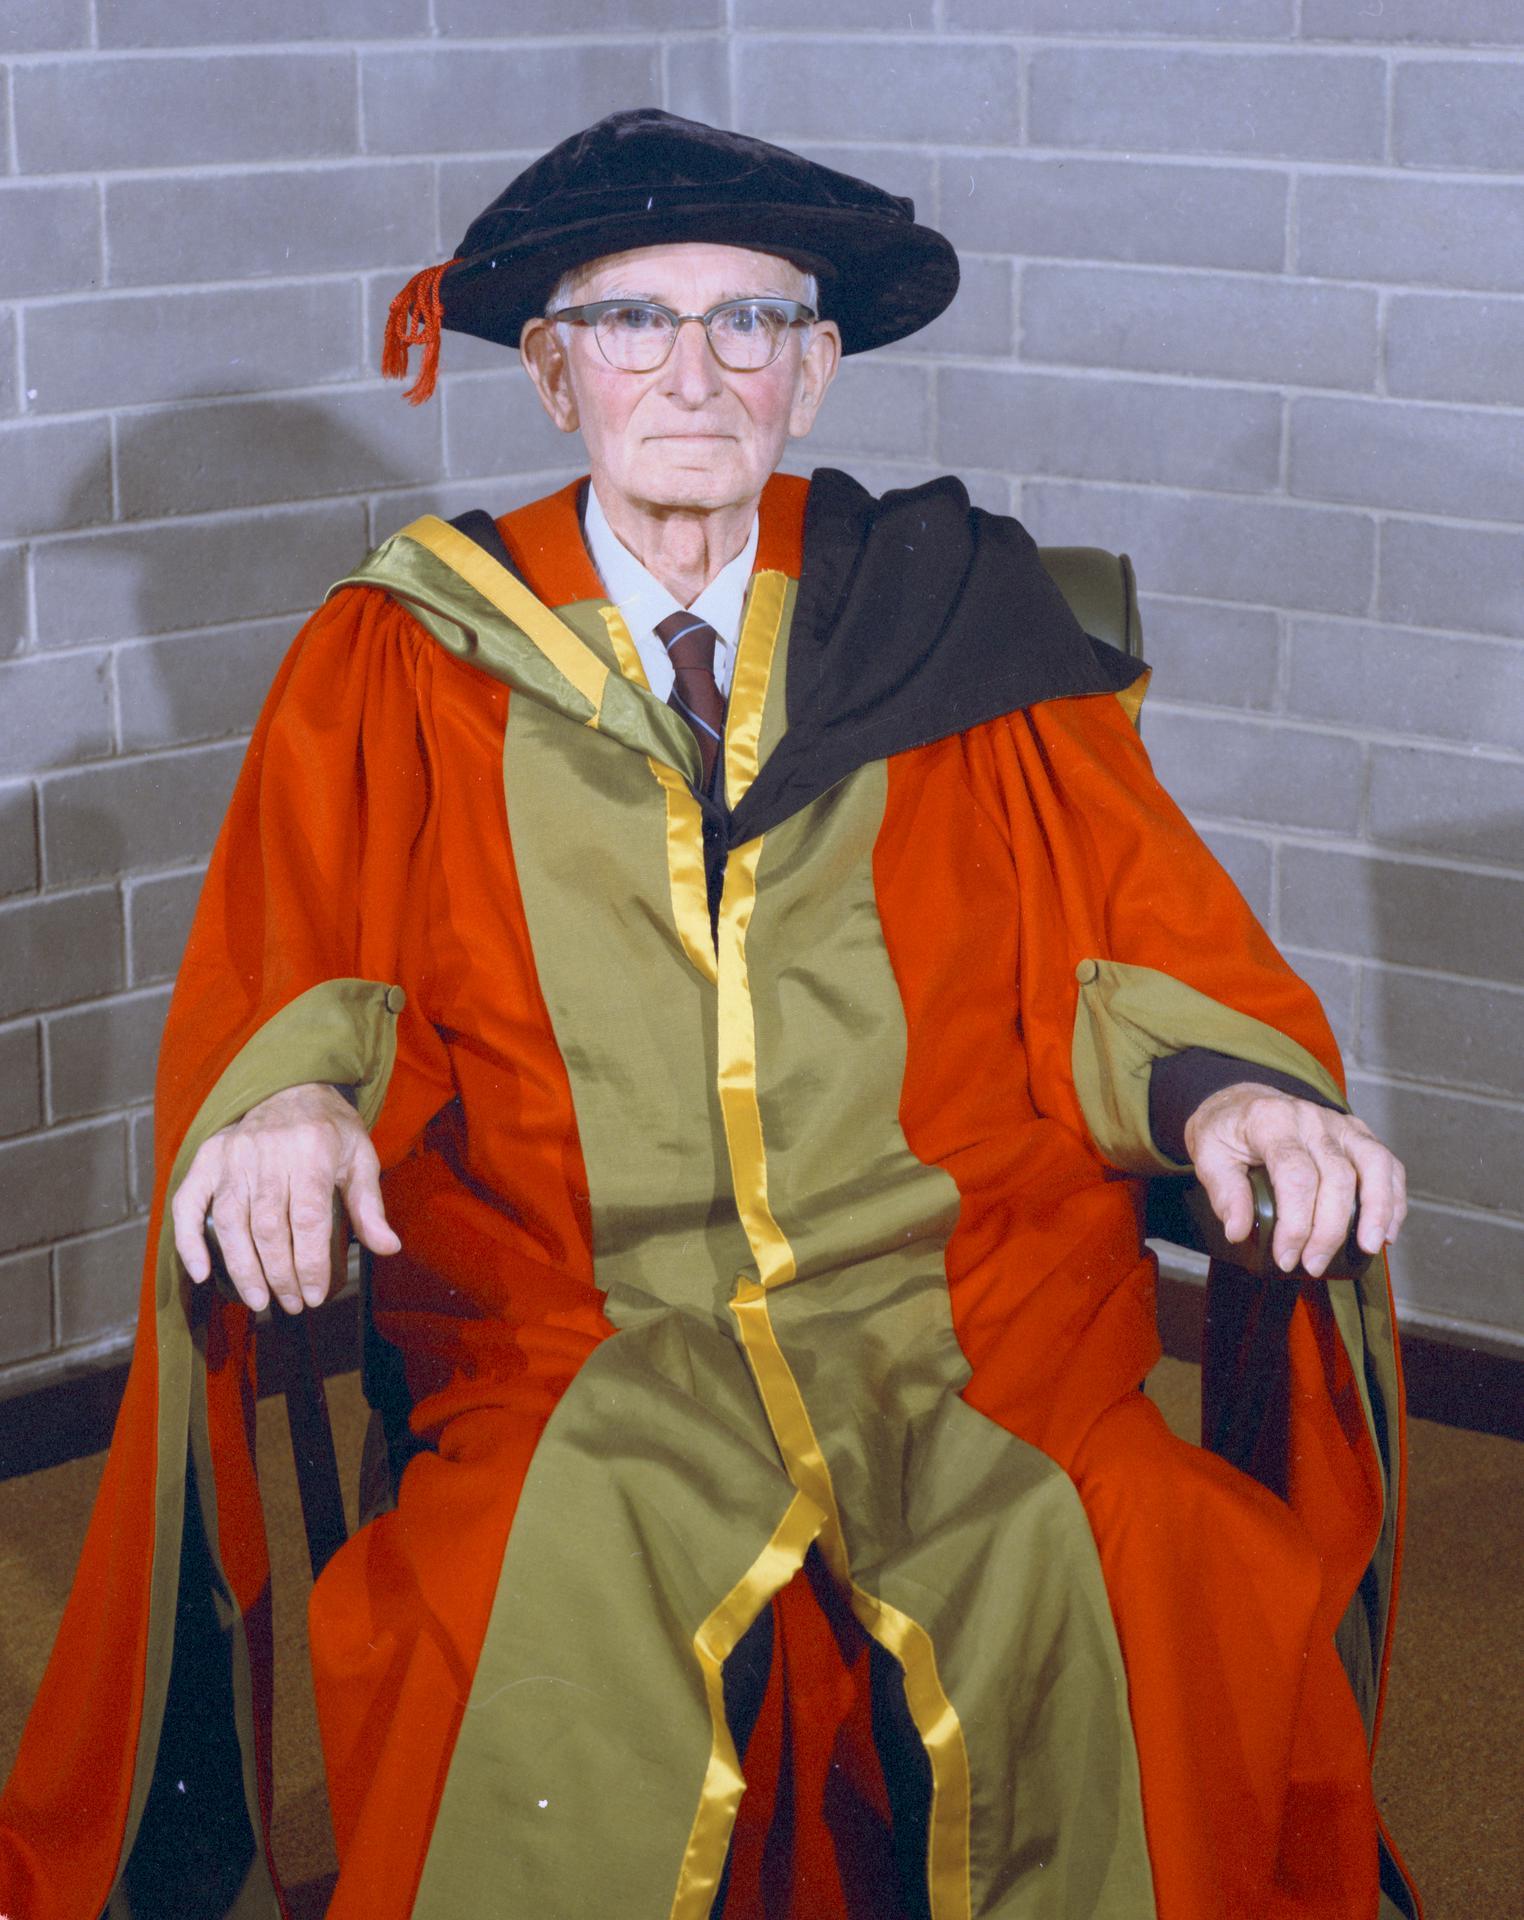 Professor J. Neill Greenwood, 1968